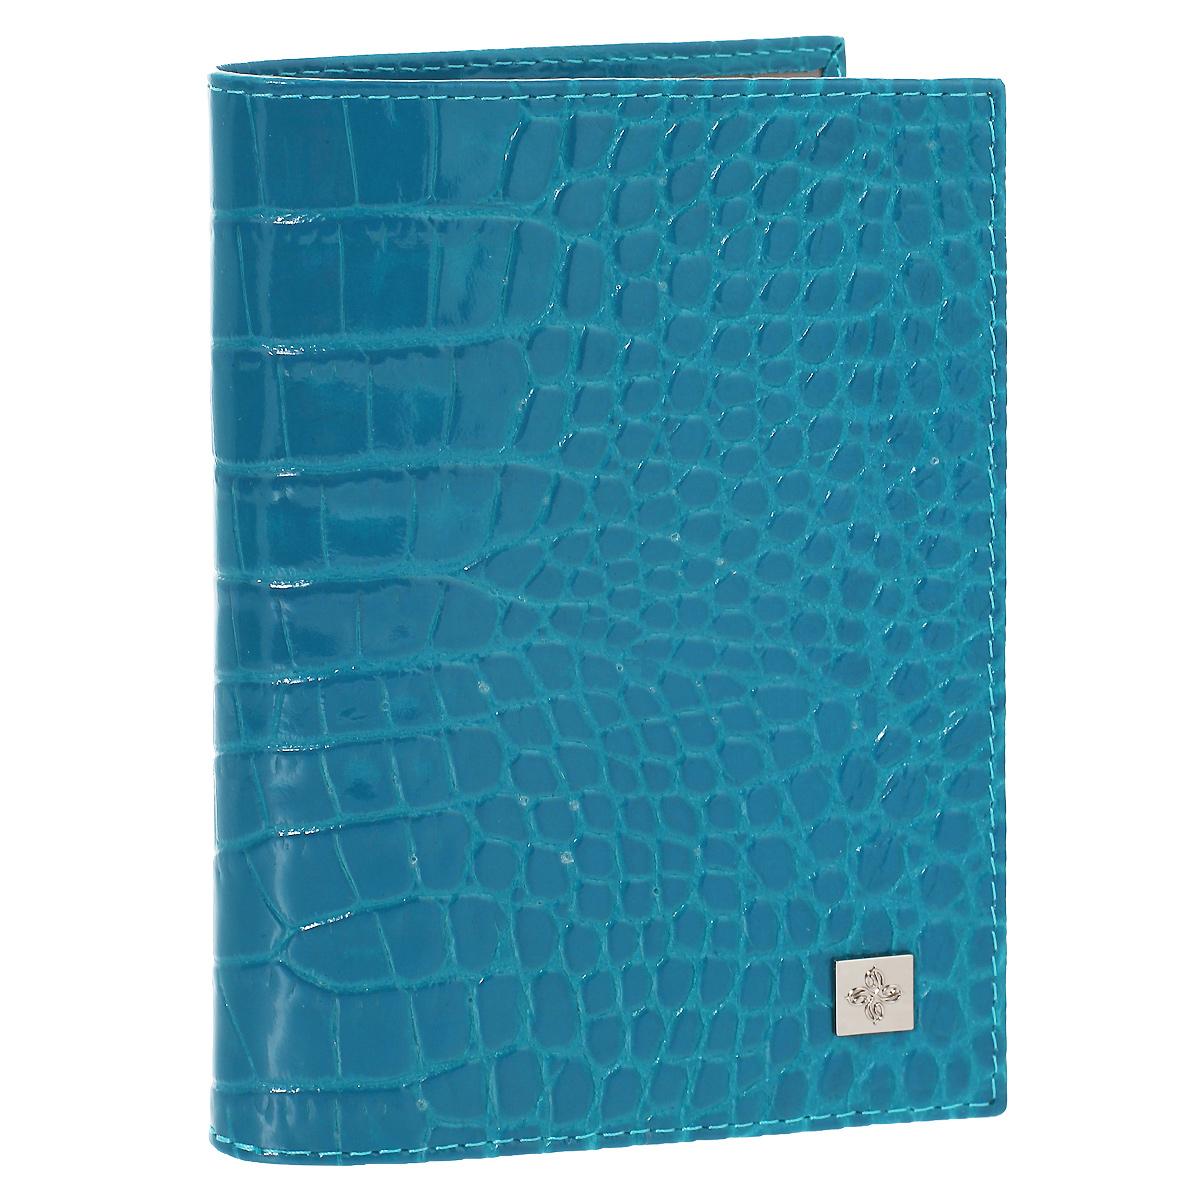 Обложка для паспорта Dimanche Электрик, цвет: лазурь. 950O.21.-1.cognacОбложка для паспорта Электрик выполнена из натуральной лаковой кожи с декоративным тиснением под крокодила. На внутреннем развороте - два кармашка из прозрачного пластика. Обложка не только поможет сохранить внешний вид ваших документов и защитит их от повреждений, но и станет стильным аксессуаром, который подчеркнет ваш неповторимый стиль.Обложка упакована в коробку из плотного картона с логотипом фирмы. Характеристики:Материал: натуральная кожа, ПВХ. Цвет: лазурь. Размер обложки: 9,5 см х 13,5 см х 1,5 см.